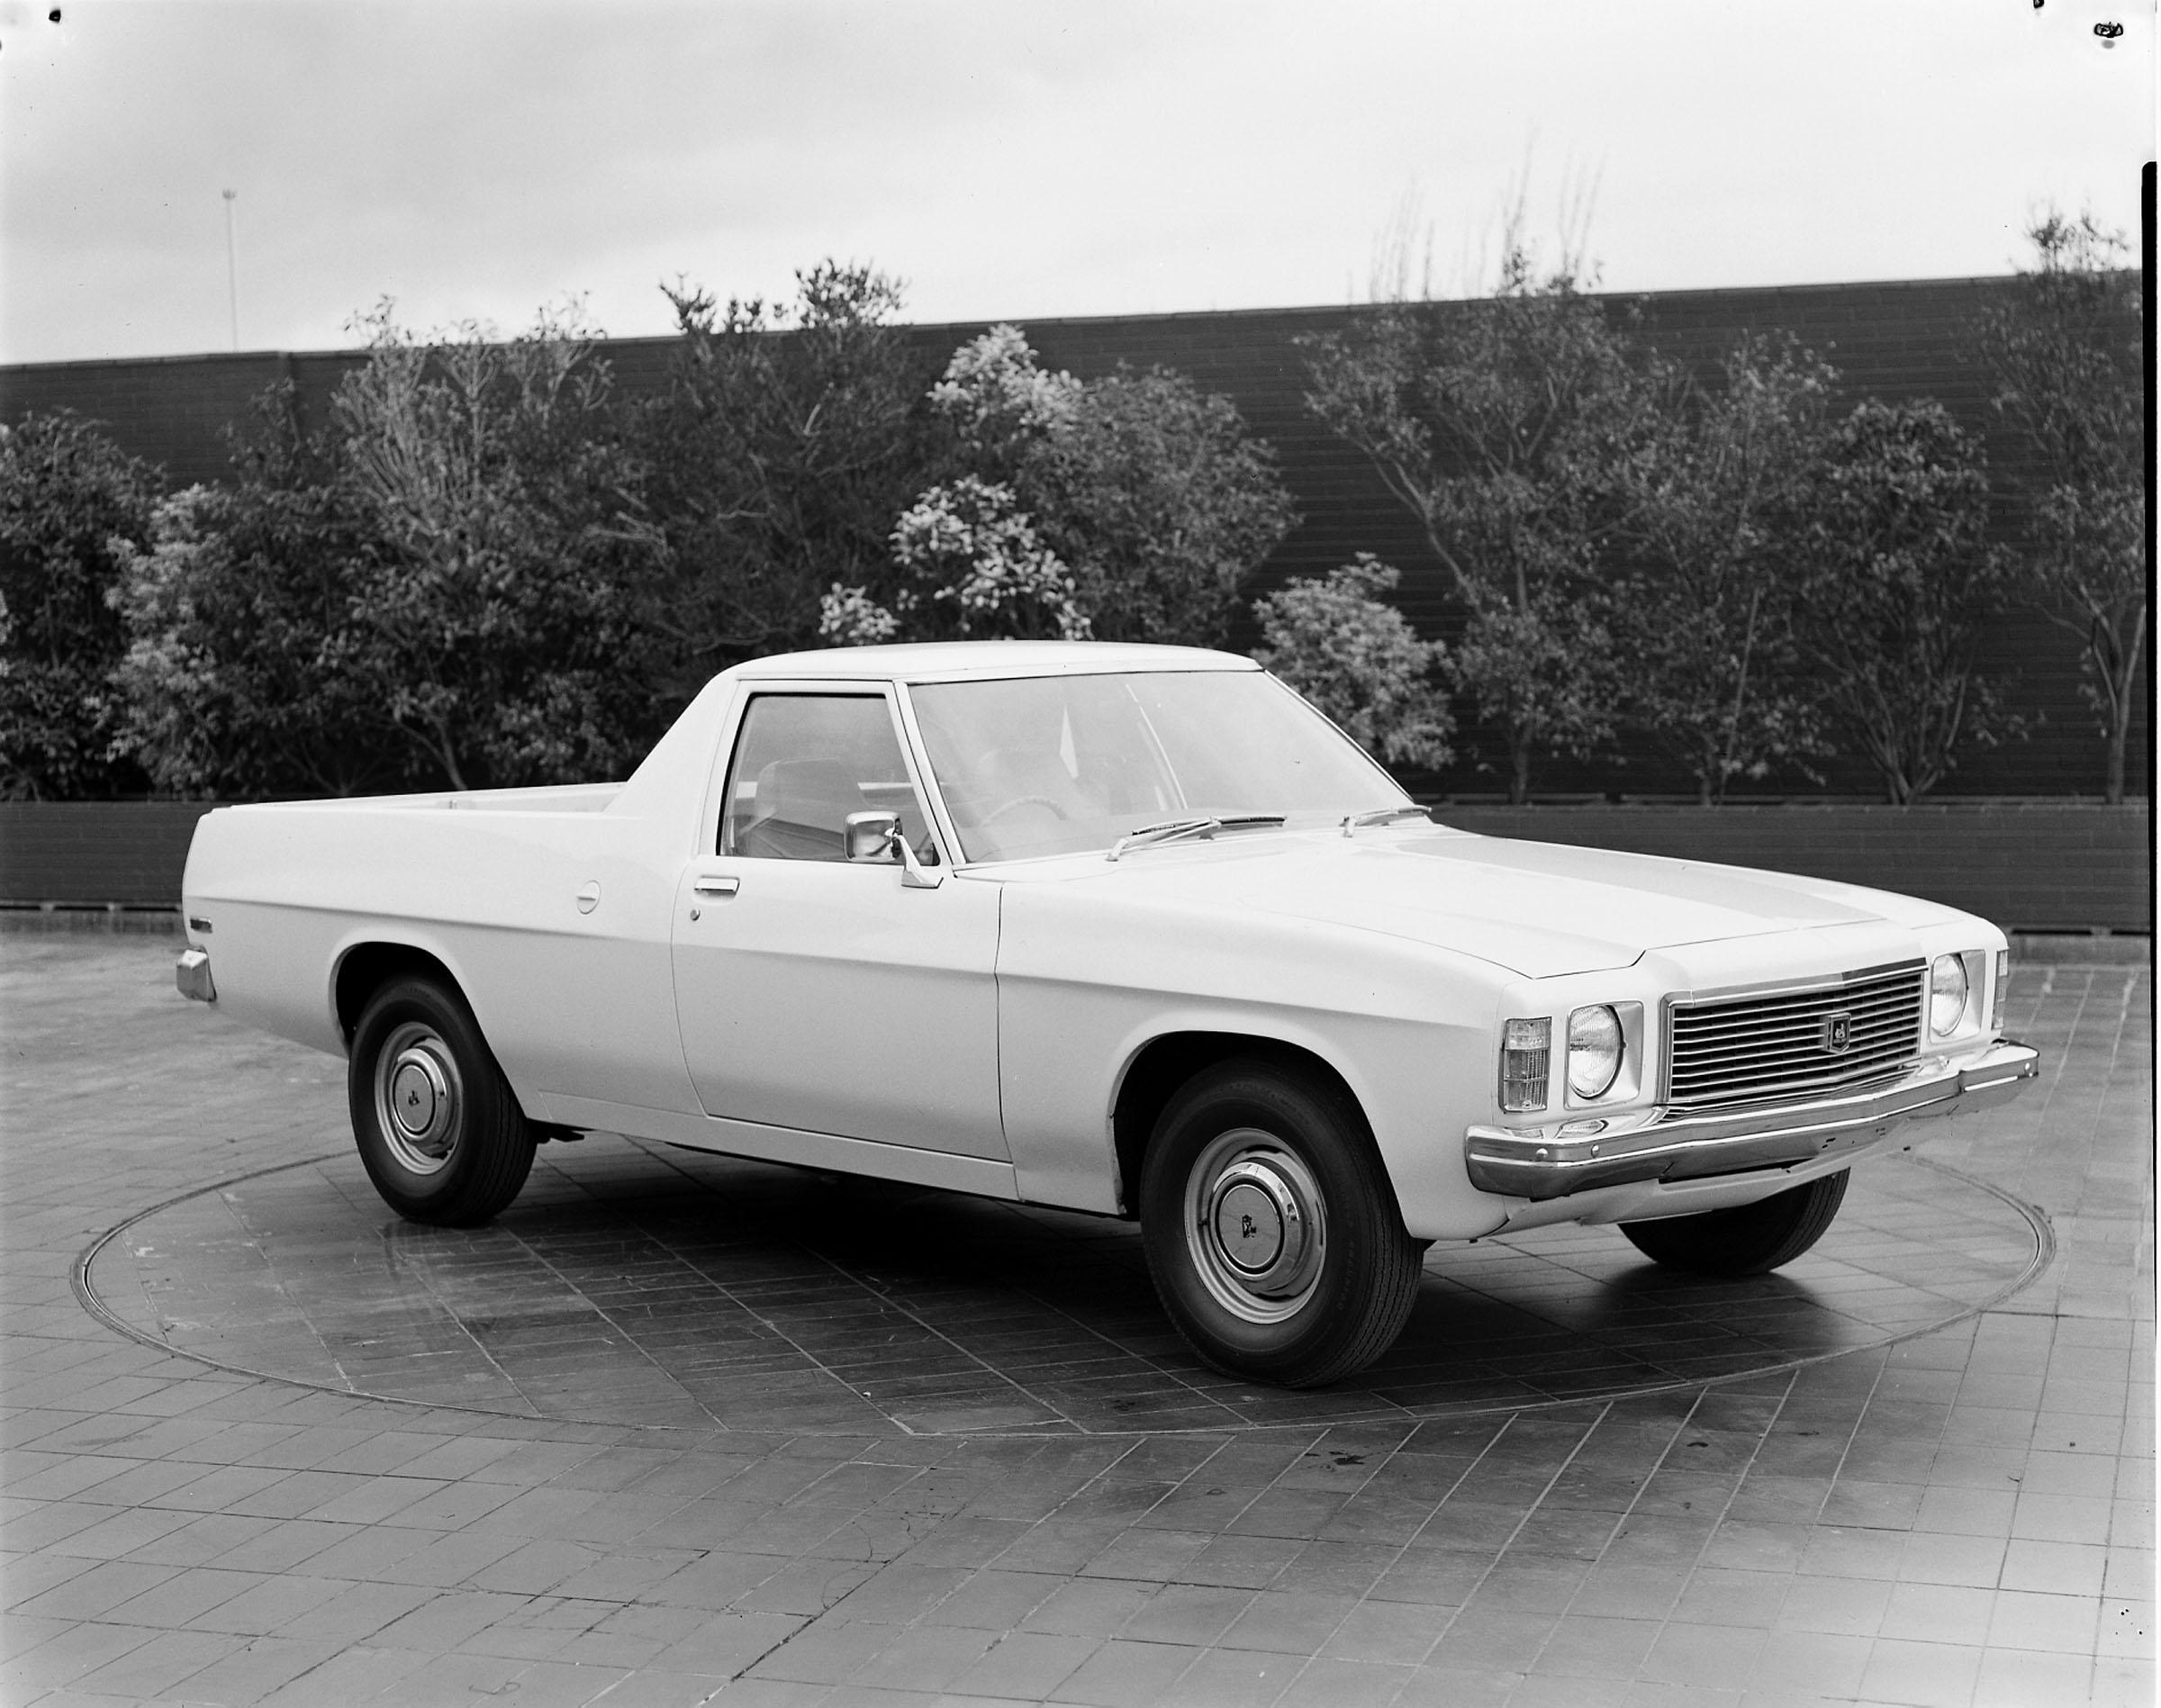 HJ Holden Ute (1974-1976)